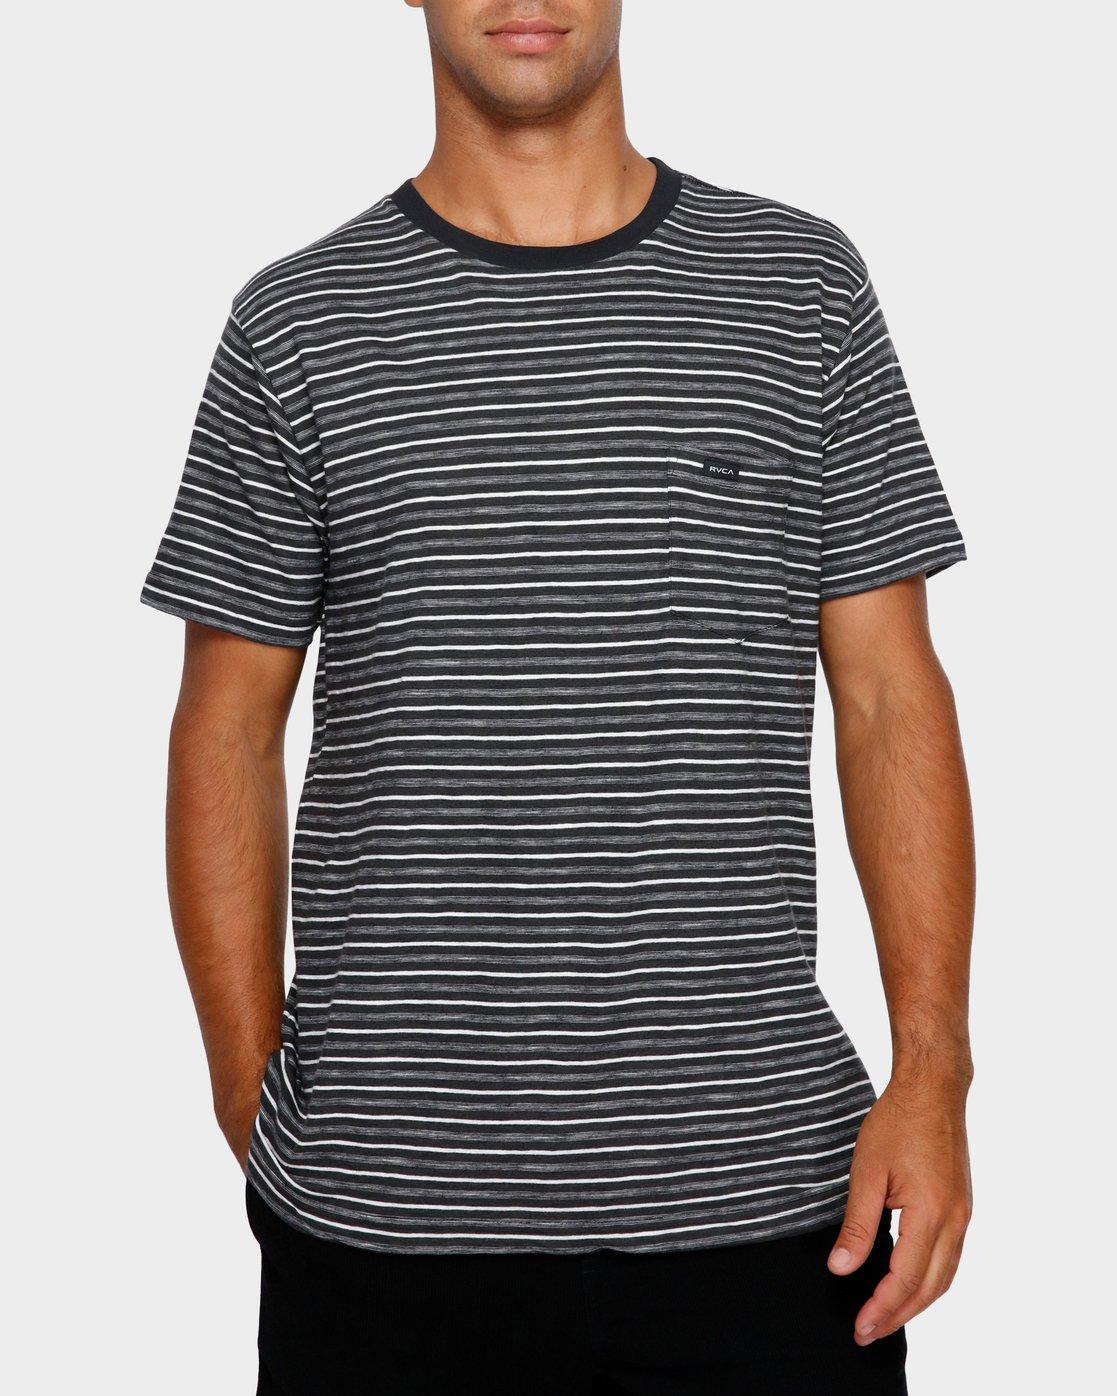 0 Foz Stripe T-Shirt Black R191065 RVCA